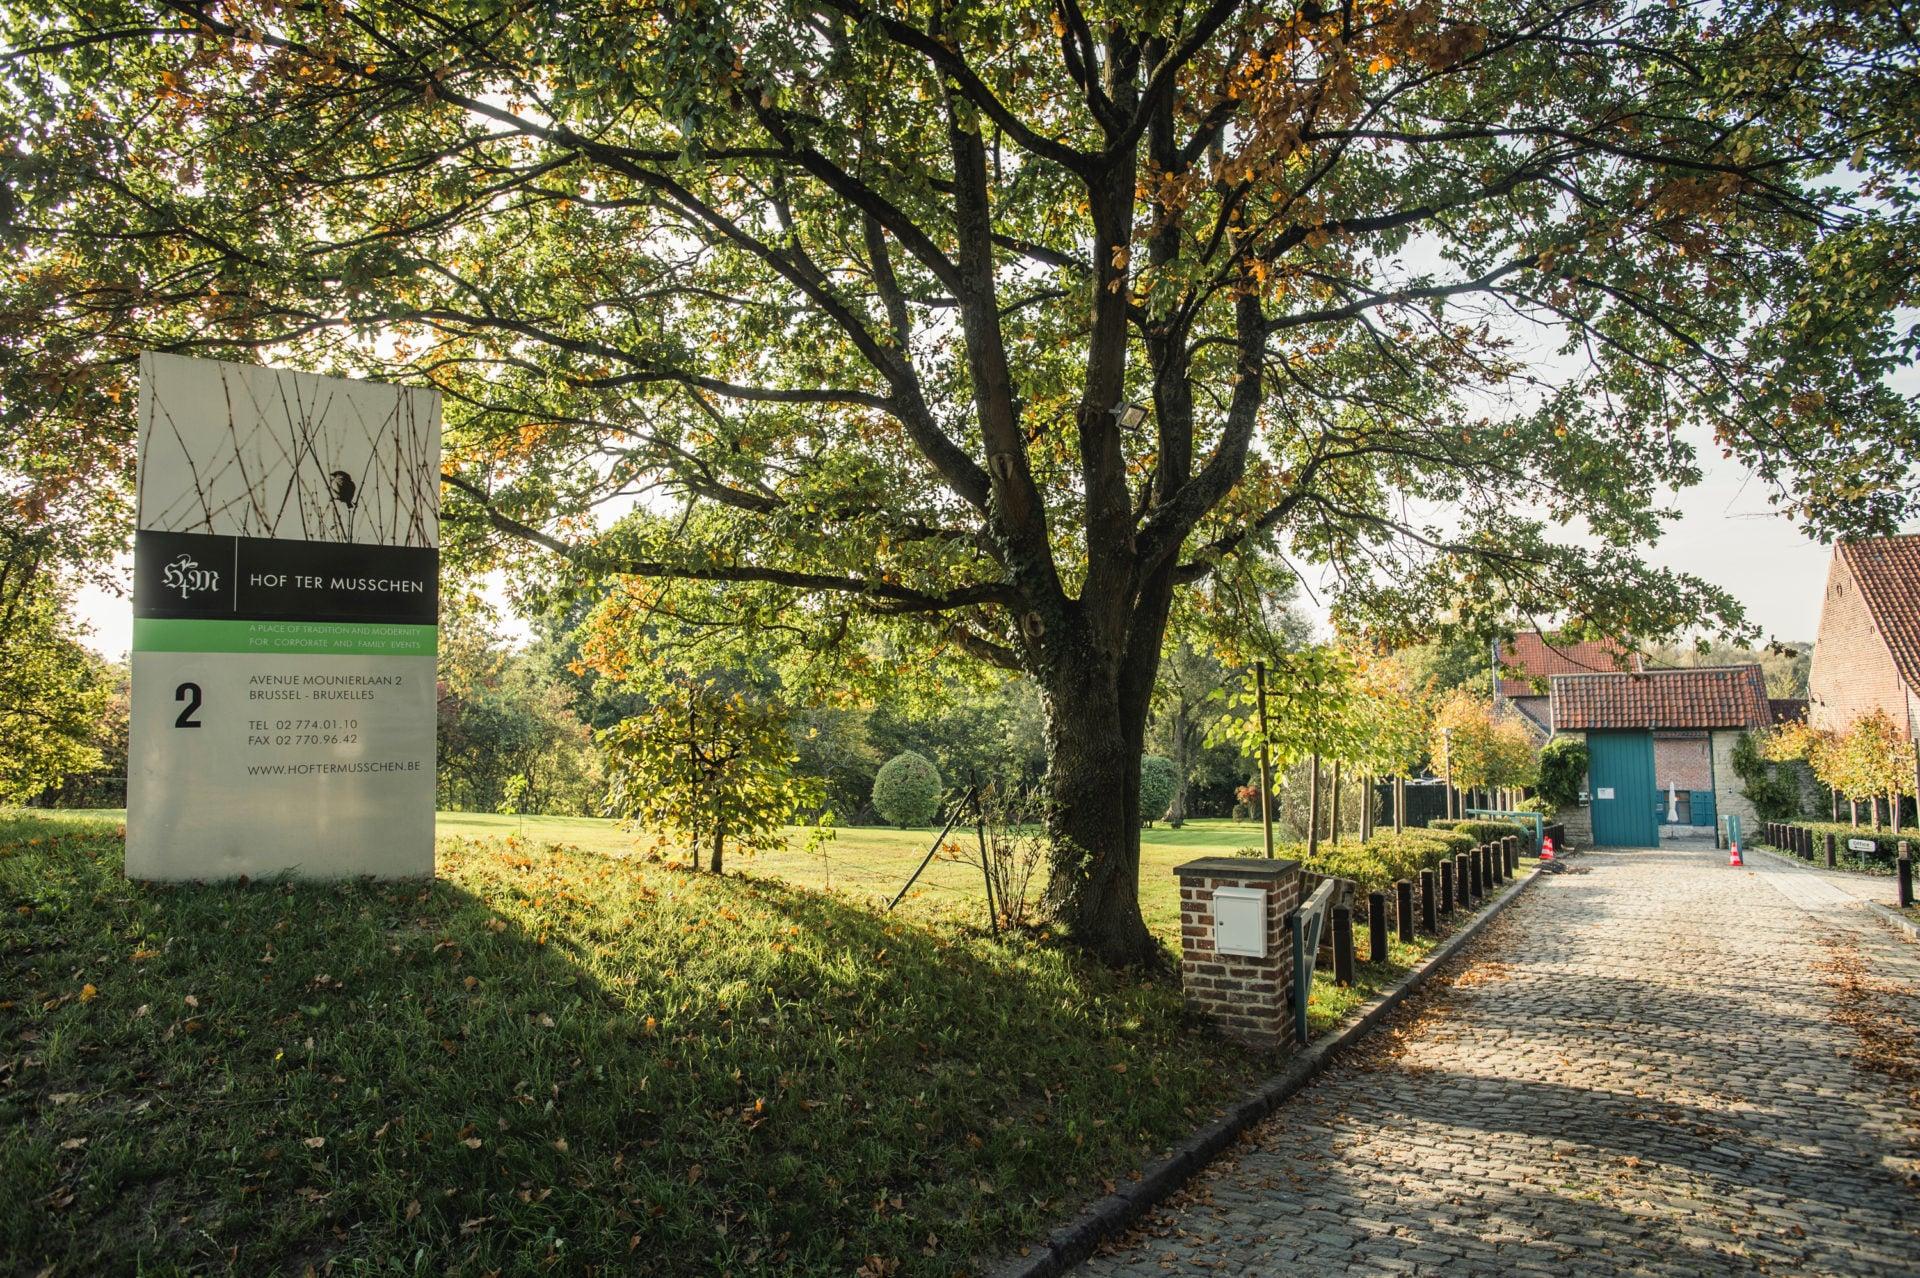 Réunions post-mortuaires - Hof ter Musschen